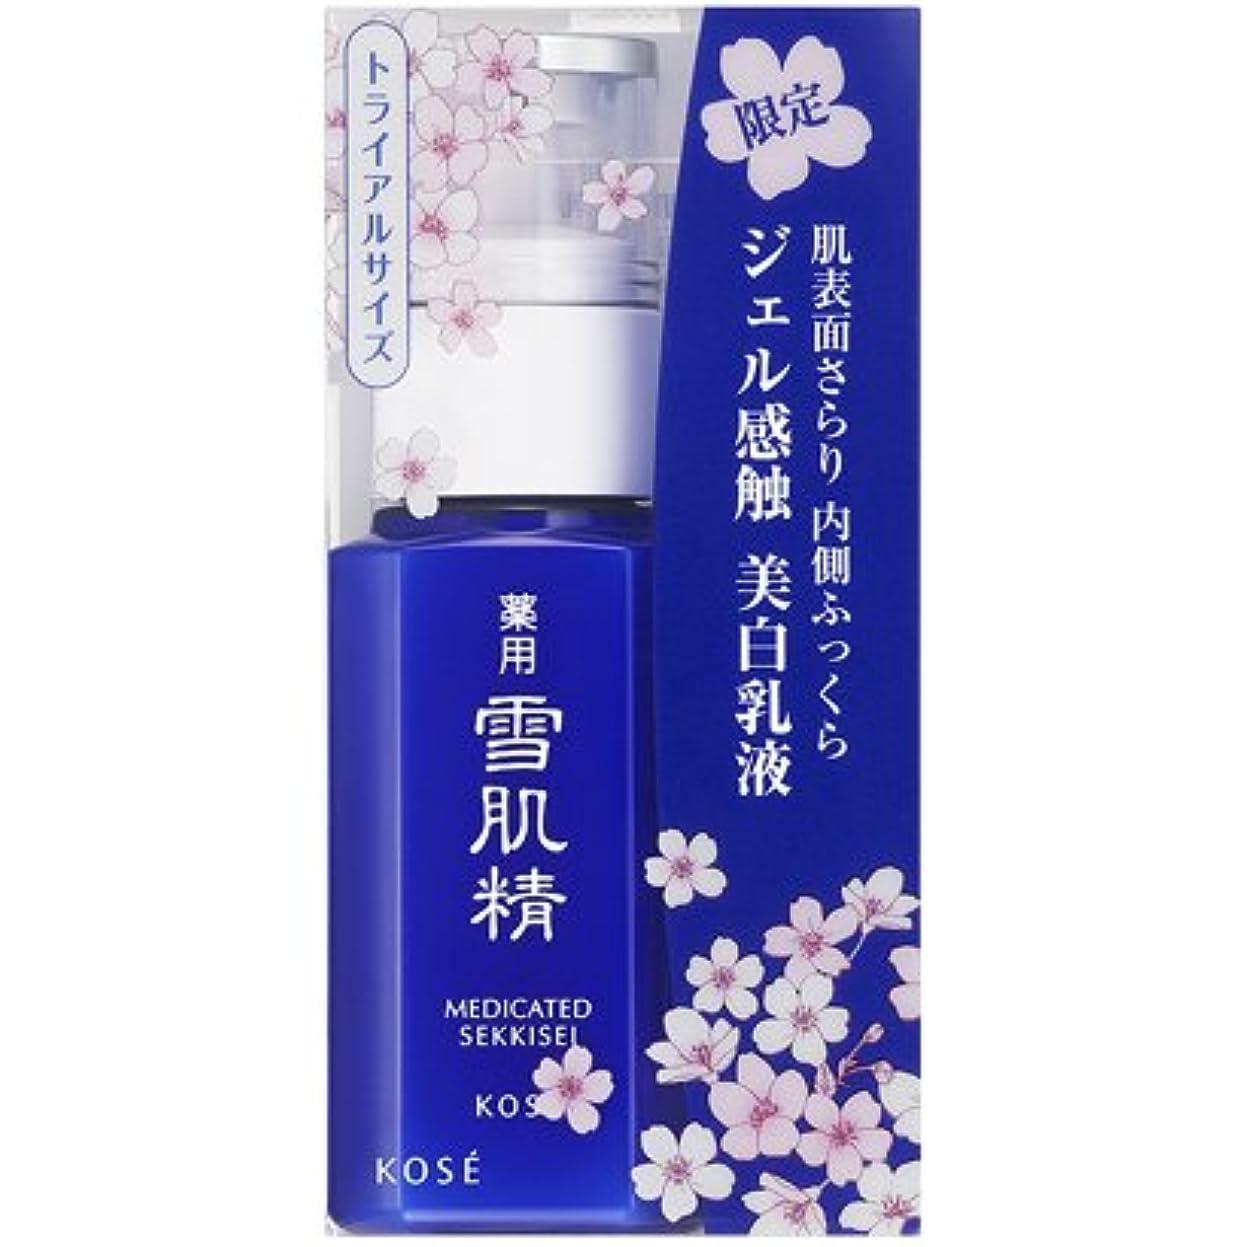 全部ヒロイン継続中コーセー 薬用 雪肌精 乳液(ハーフサイズ) 【桜】 70mL